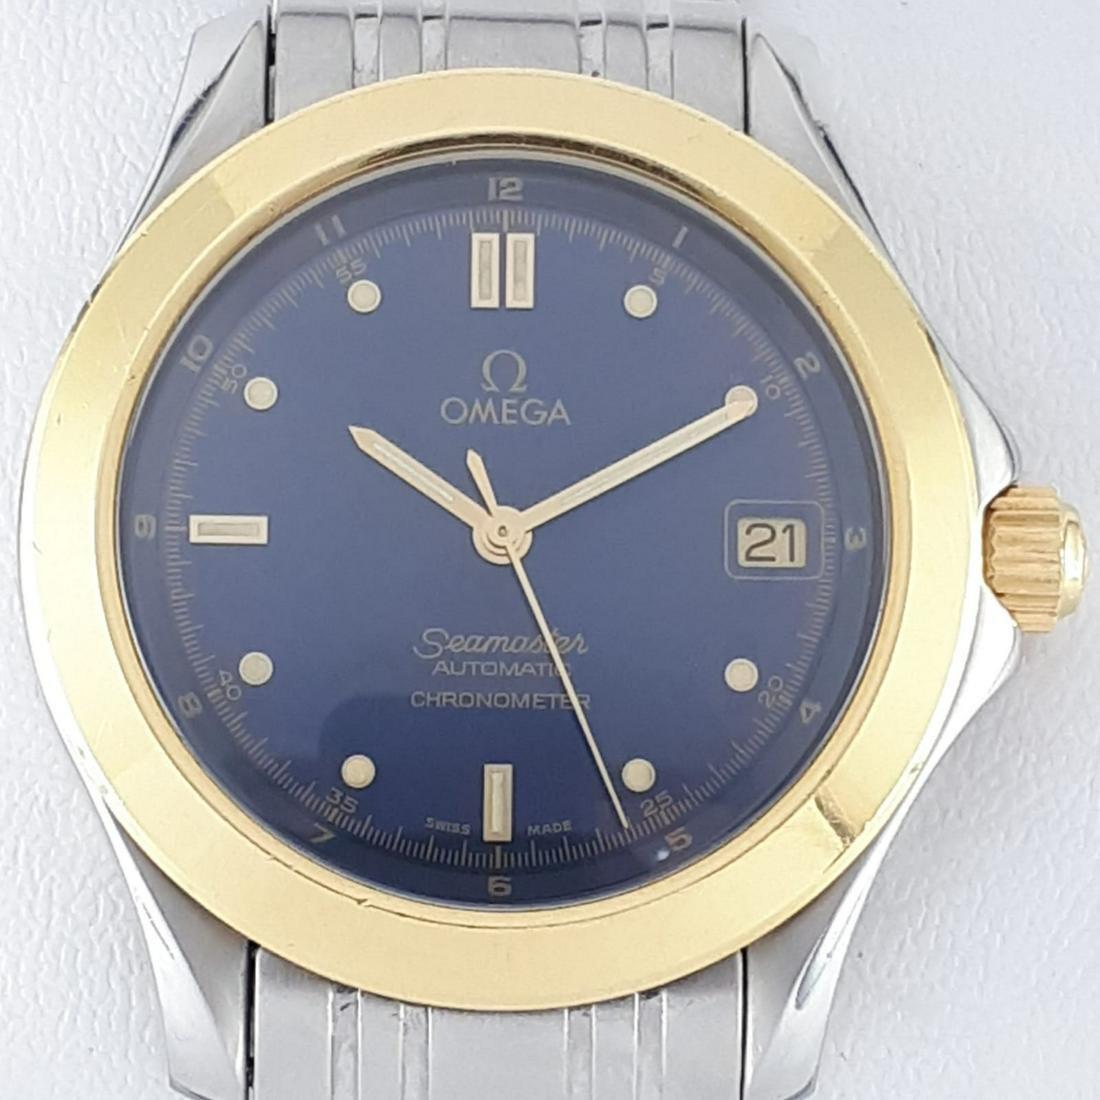 Bulgari - Diagono Aluminium Chronograph - Ref: AC 38 TA